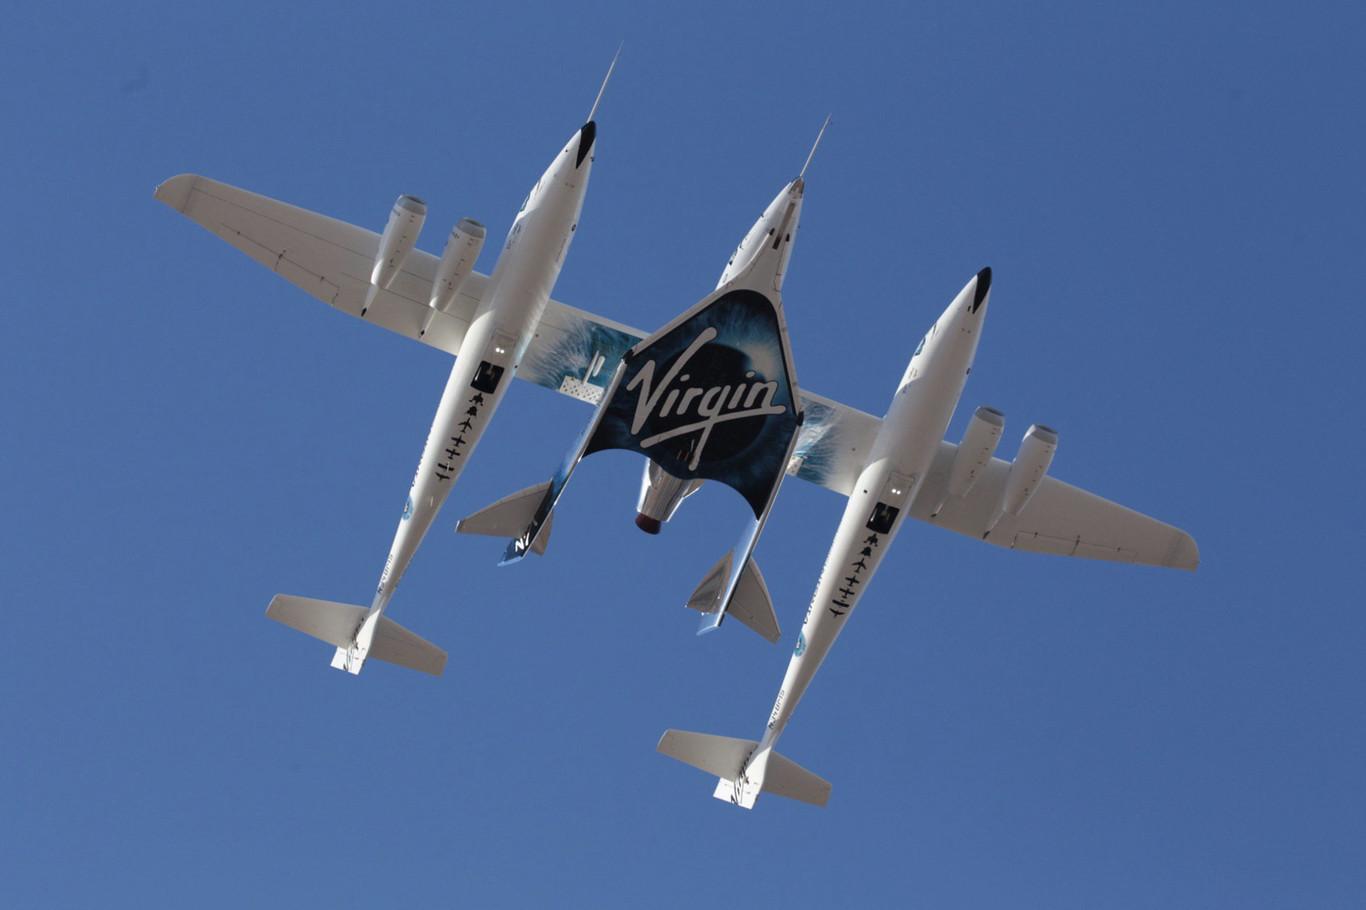 La nave de Virgin Galactic completó con éxito su primer vuelo supersónico desde el accidente fatal de 2014